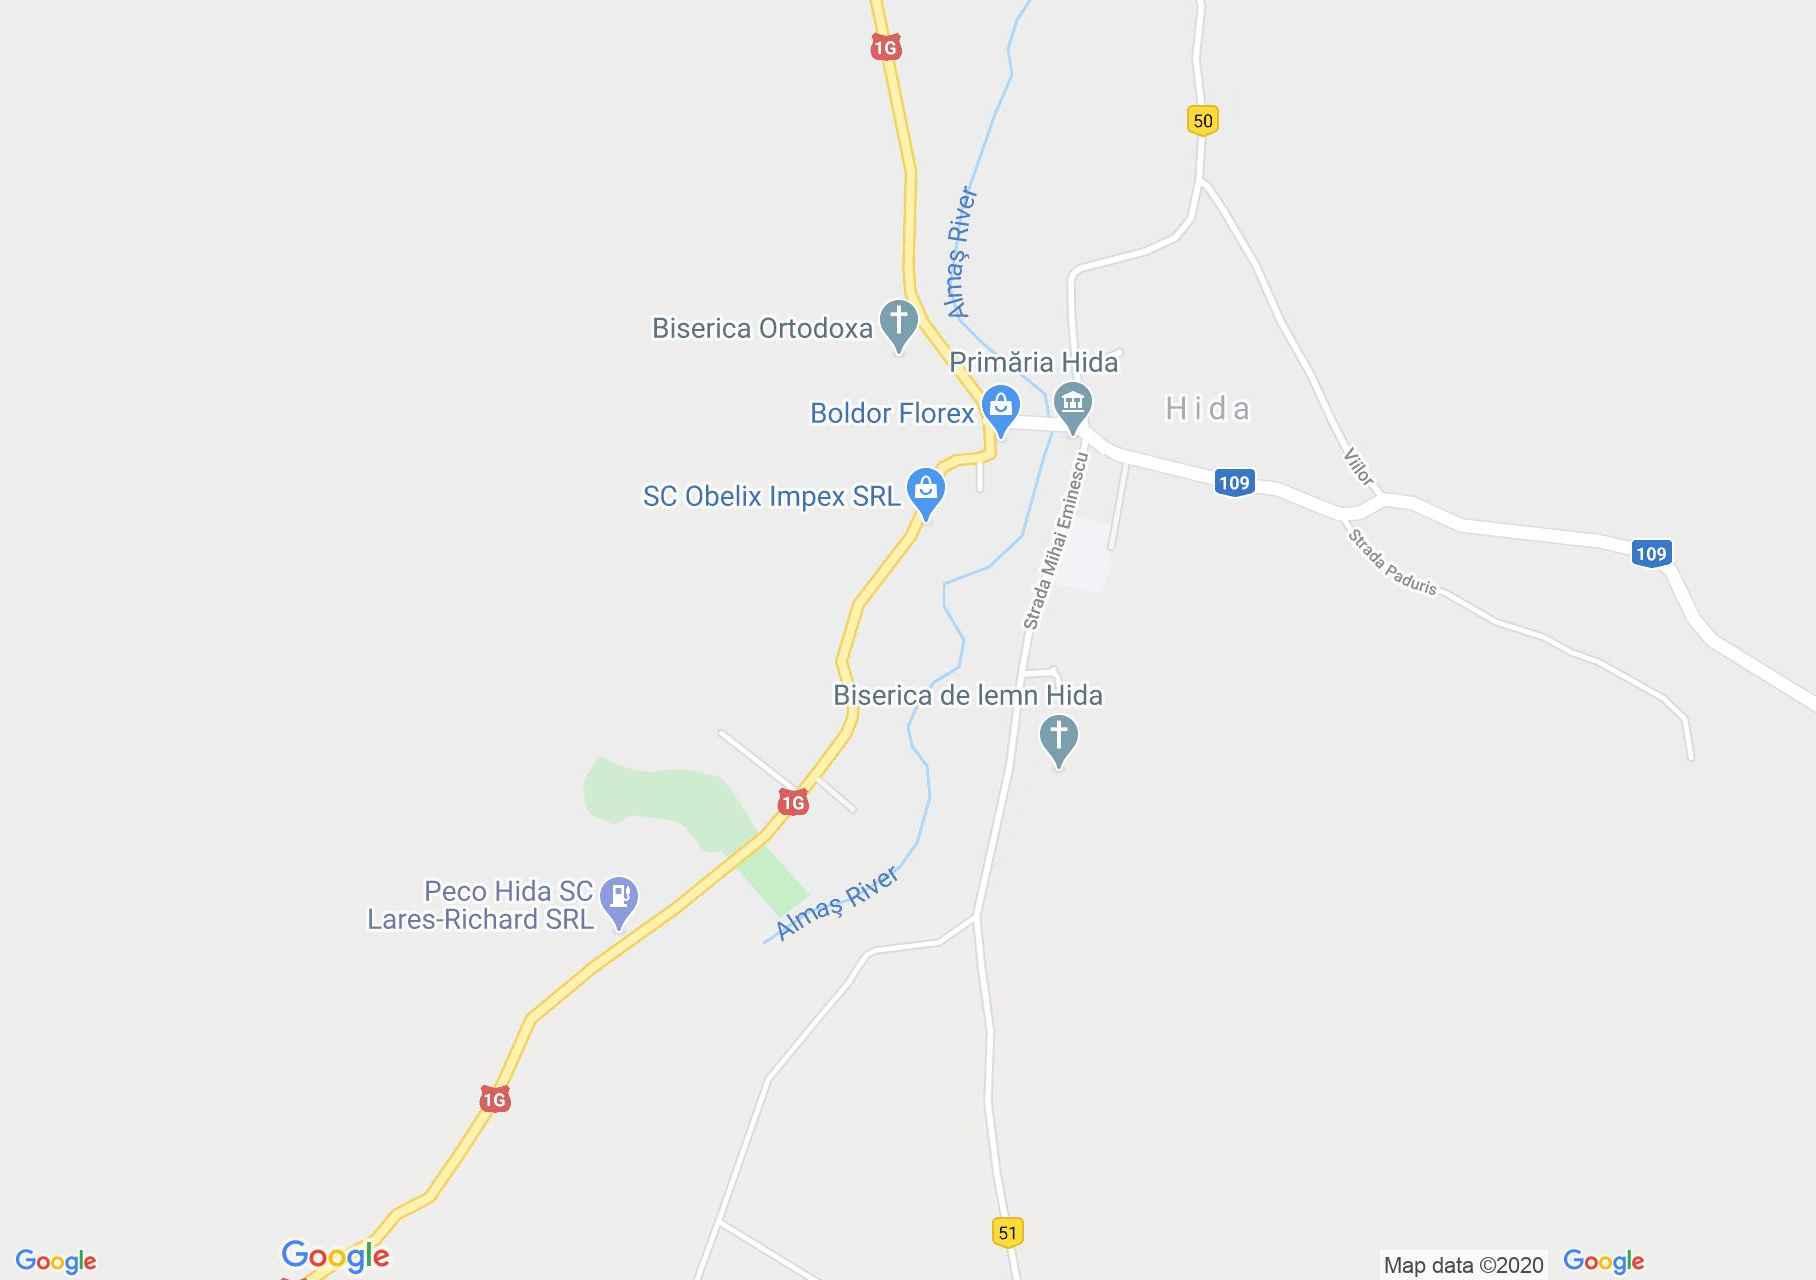 Hida, Harta turistică interactivă